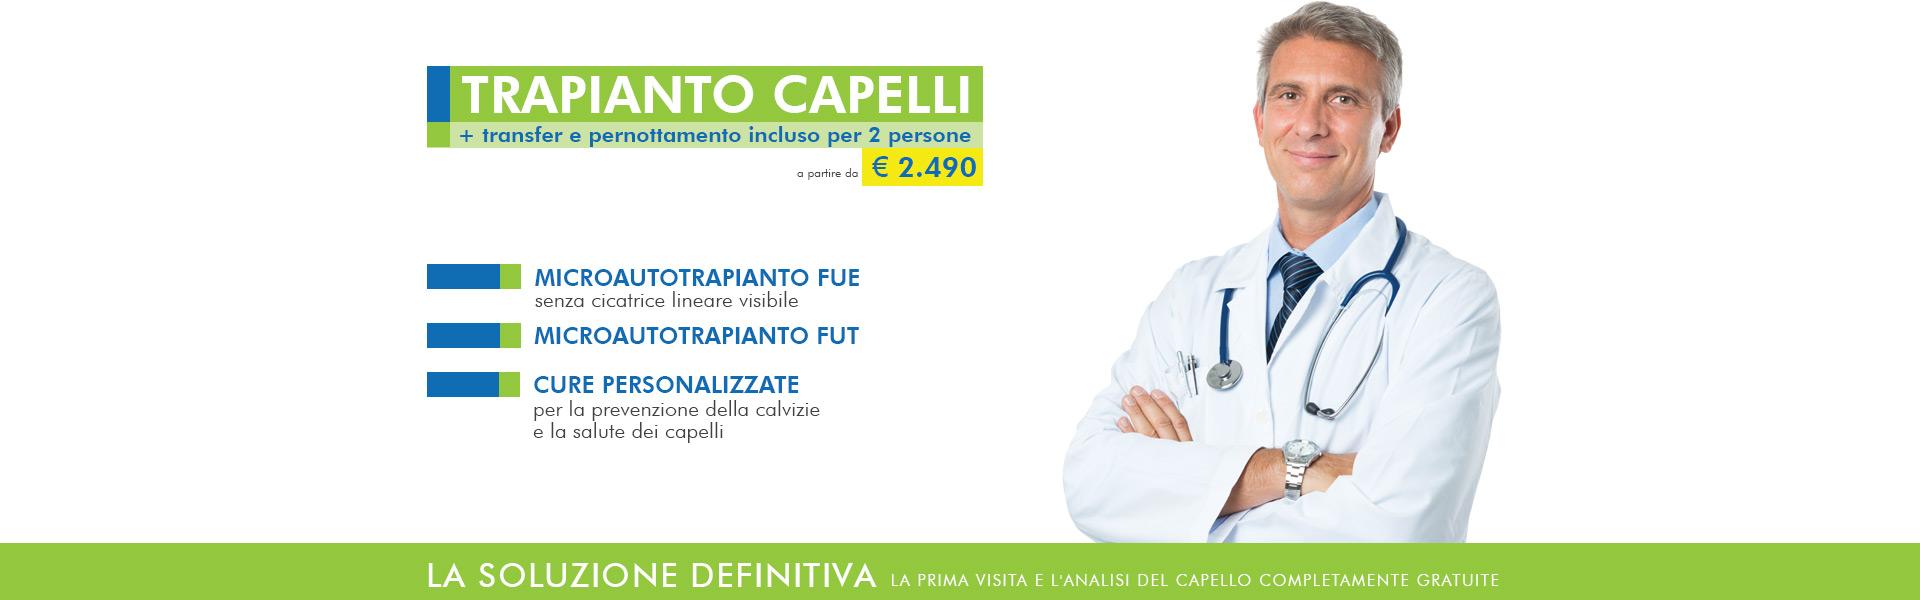 TRICOMEDIT TRAPIANTO CAPELLI